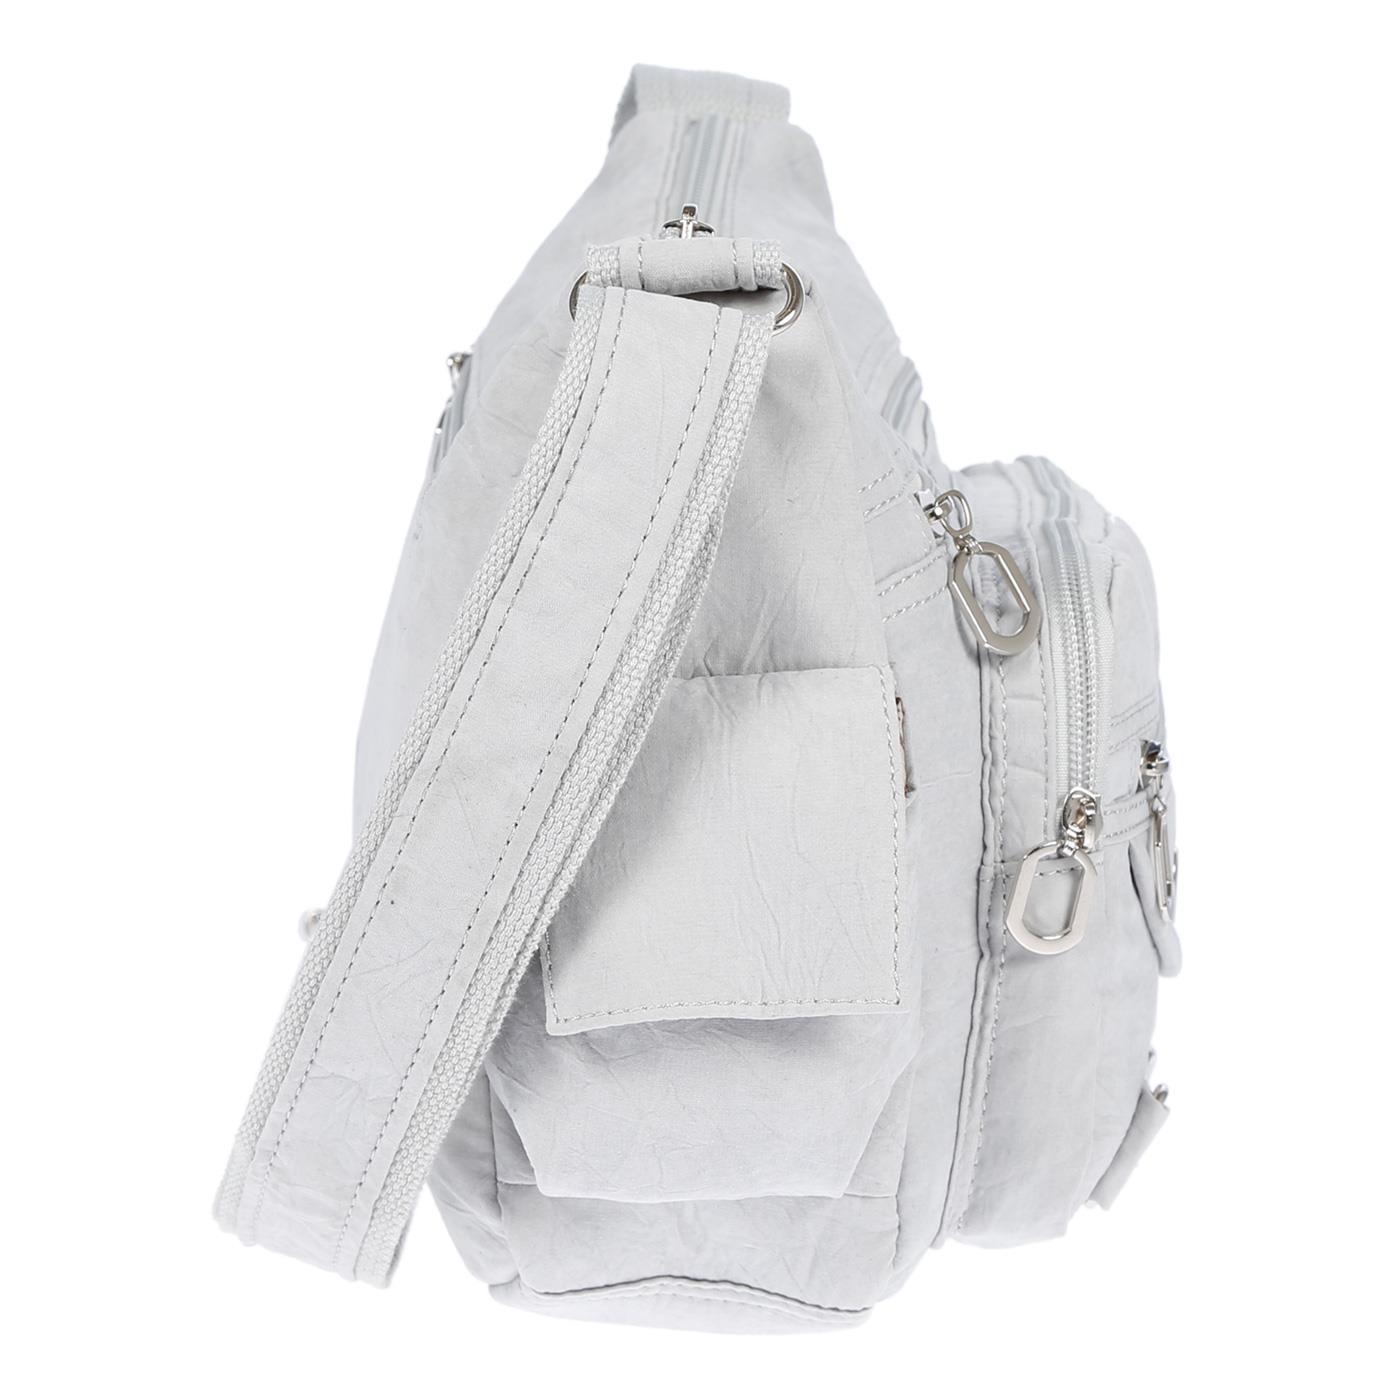 Damenhandtasche-Schultertasche-Tasche-Umhaengetasche-Canvas-Shopper-Crossover-Bag Indexbild 22